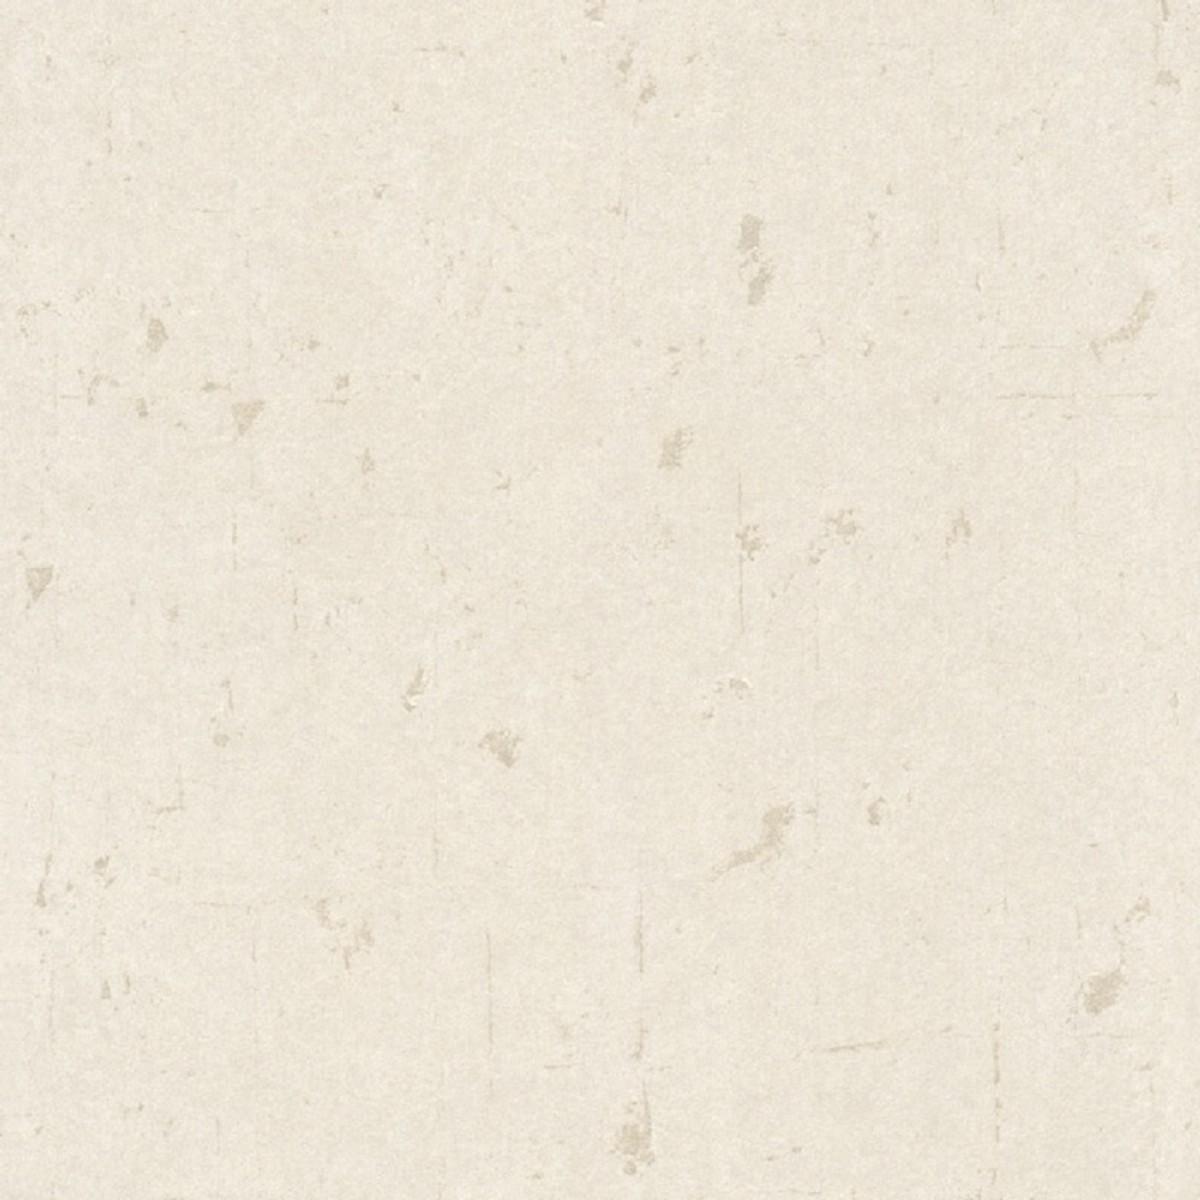 Full Size of Vliestapete Wohnzimmer Tapete Deckenleuchten Deko Poster Bilder Modern Komplett Dekoration Gardinen Hängeschrank Weiß Hochglanz Deckenlampen Für Wohnzimmer Vliestapete Wohnzimmer